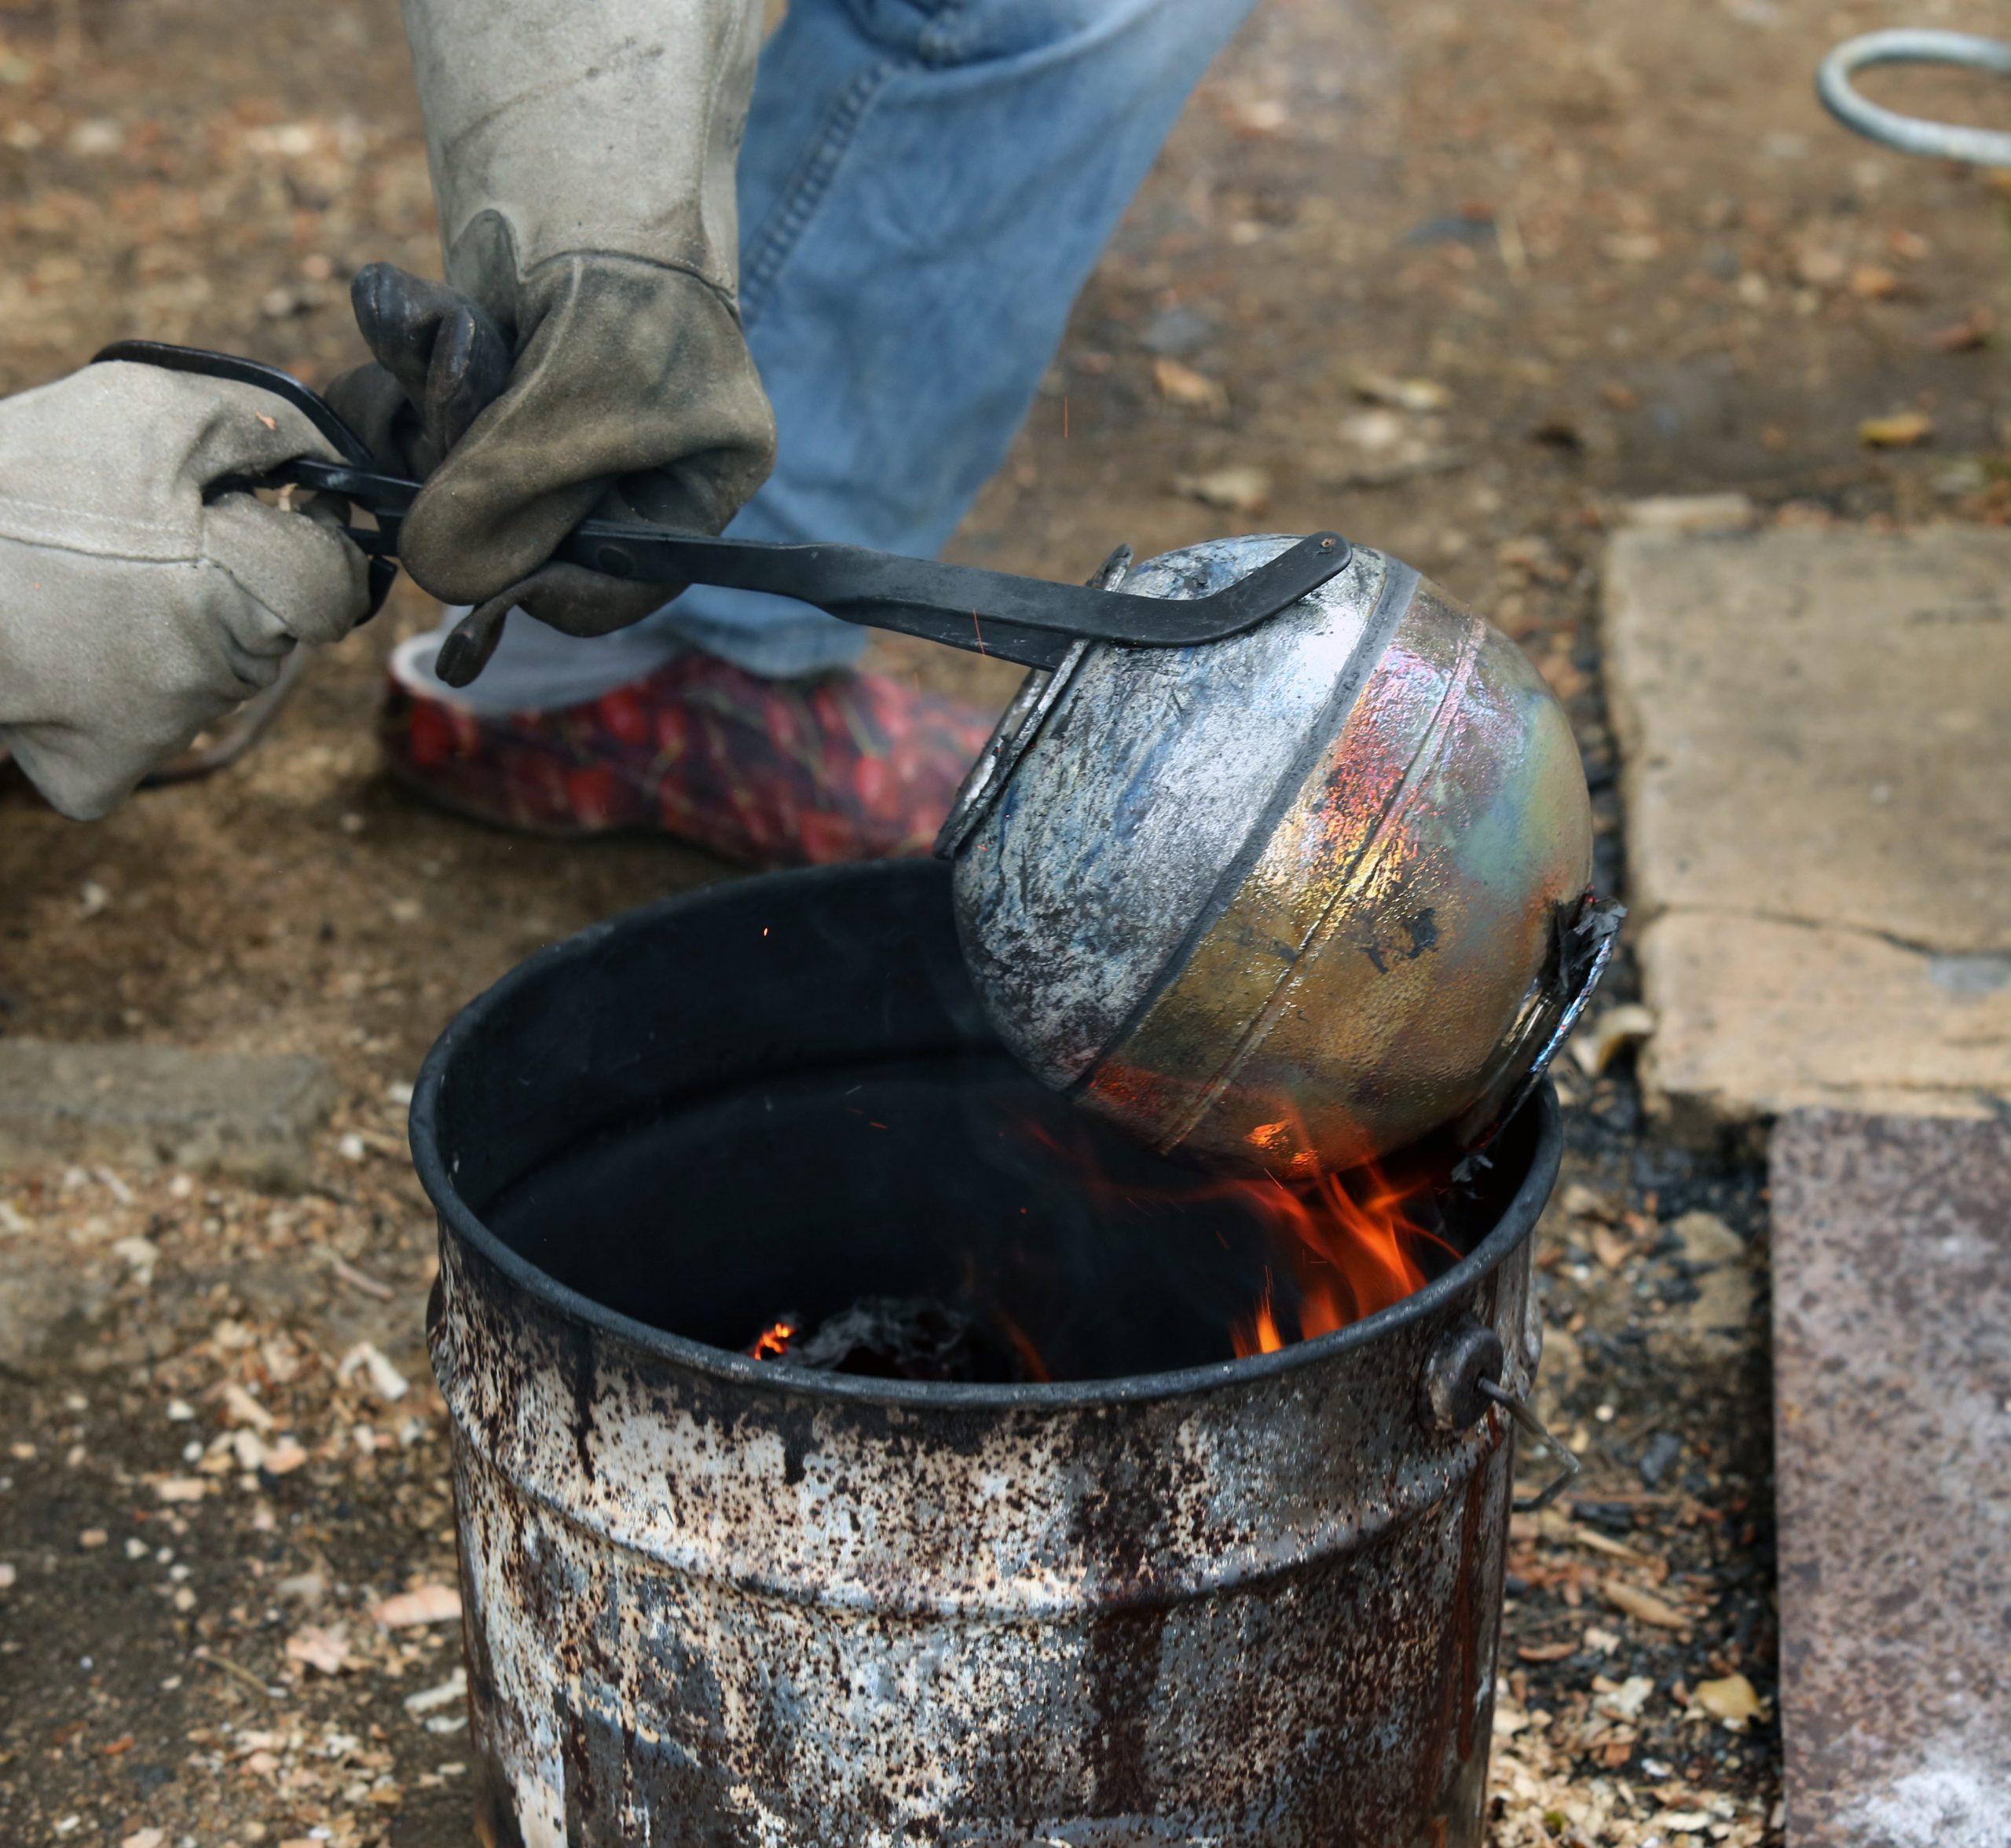 extracción pieza tecnica de raku con pinzas